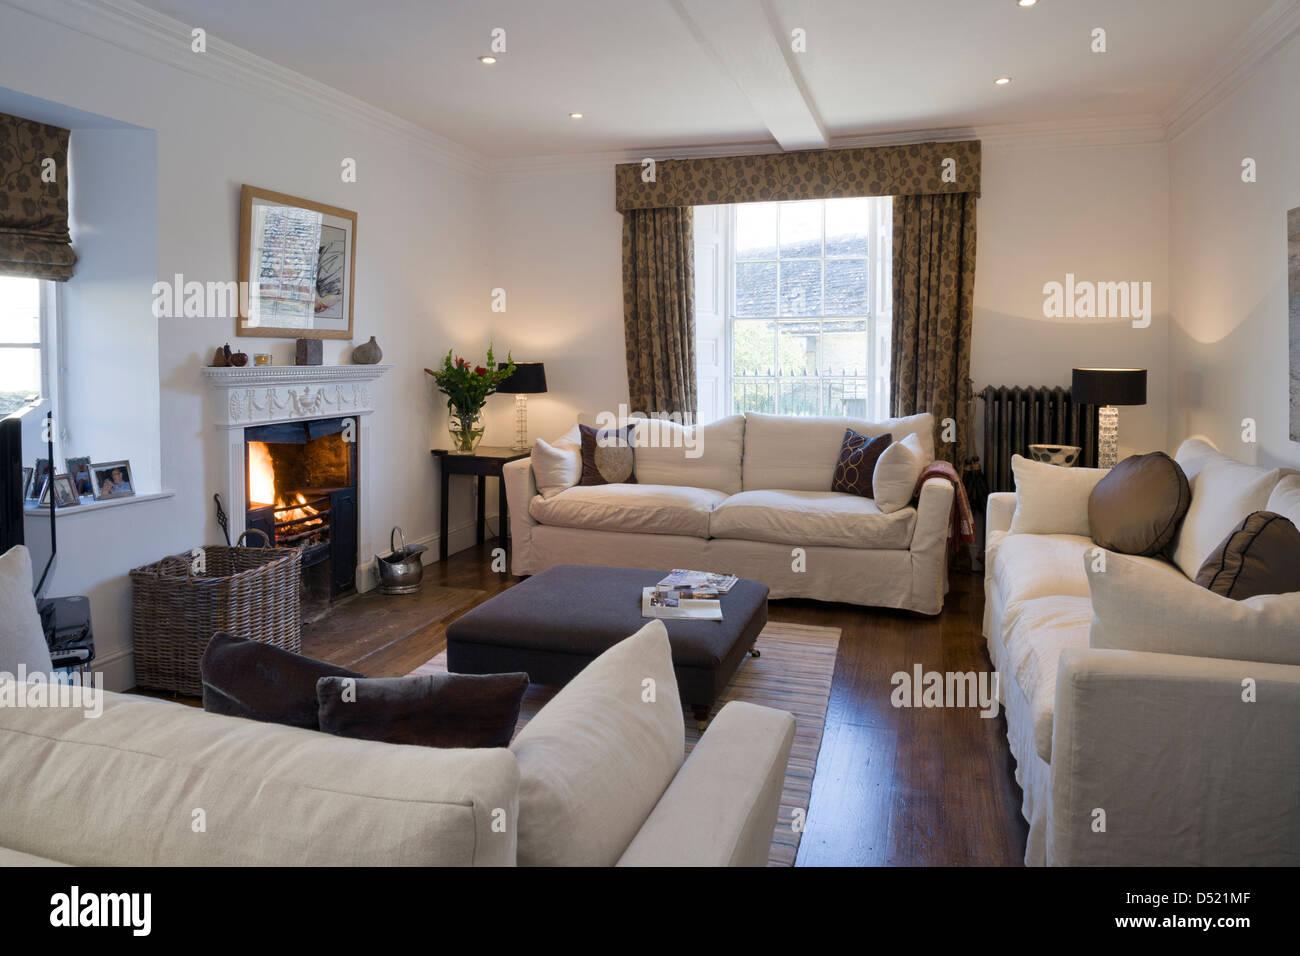 Eine Große Moderne Wohnzimmer Mit 3 Sofas.